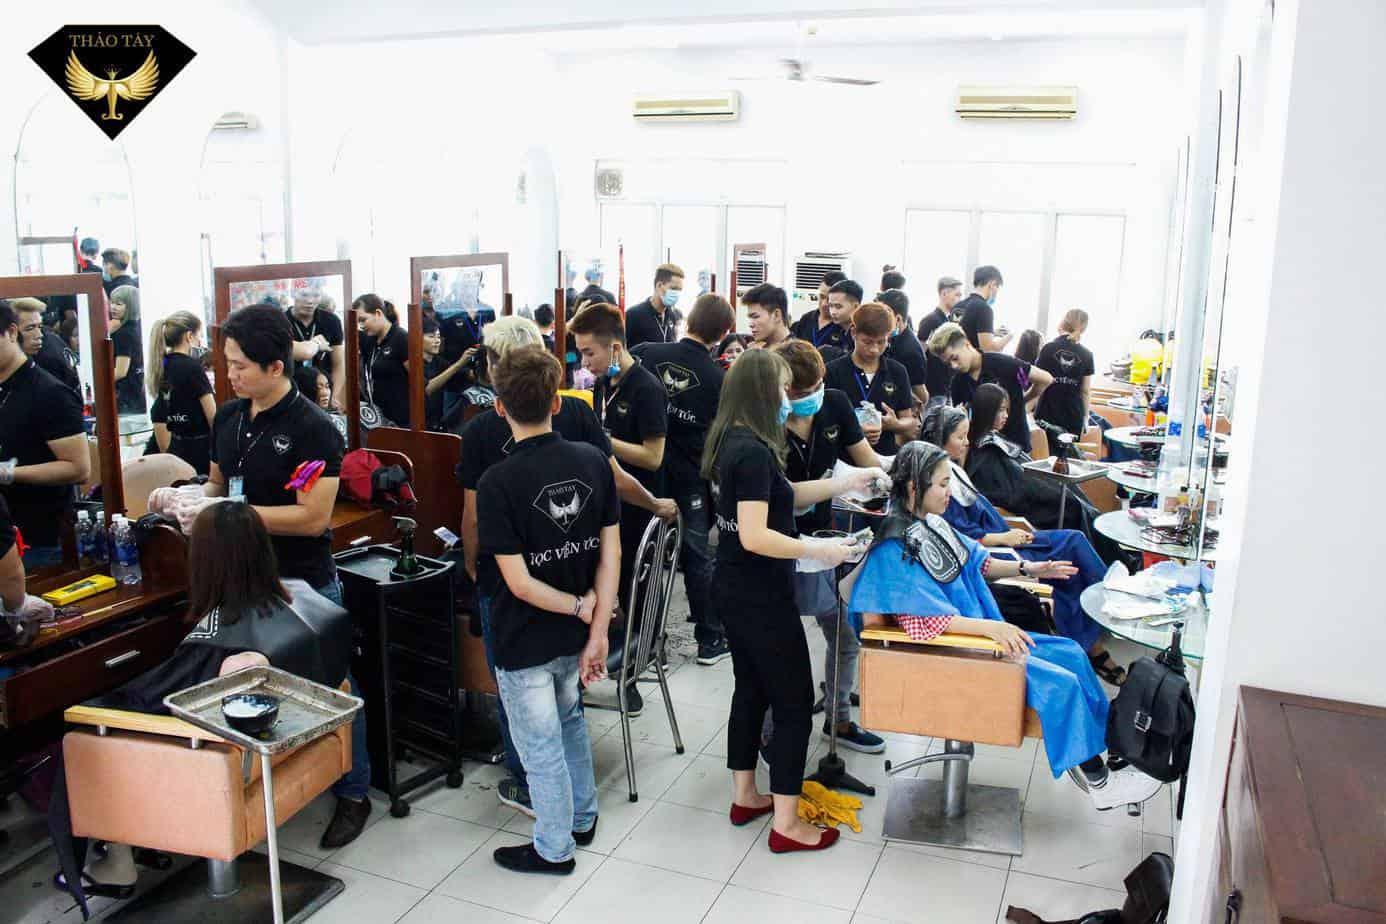 - Top 9 Trung Tâm Dạy Học Cắt Tóc Nữ Chuyên Nghiệp Tại HCM